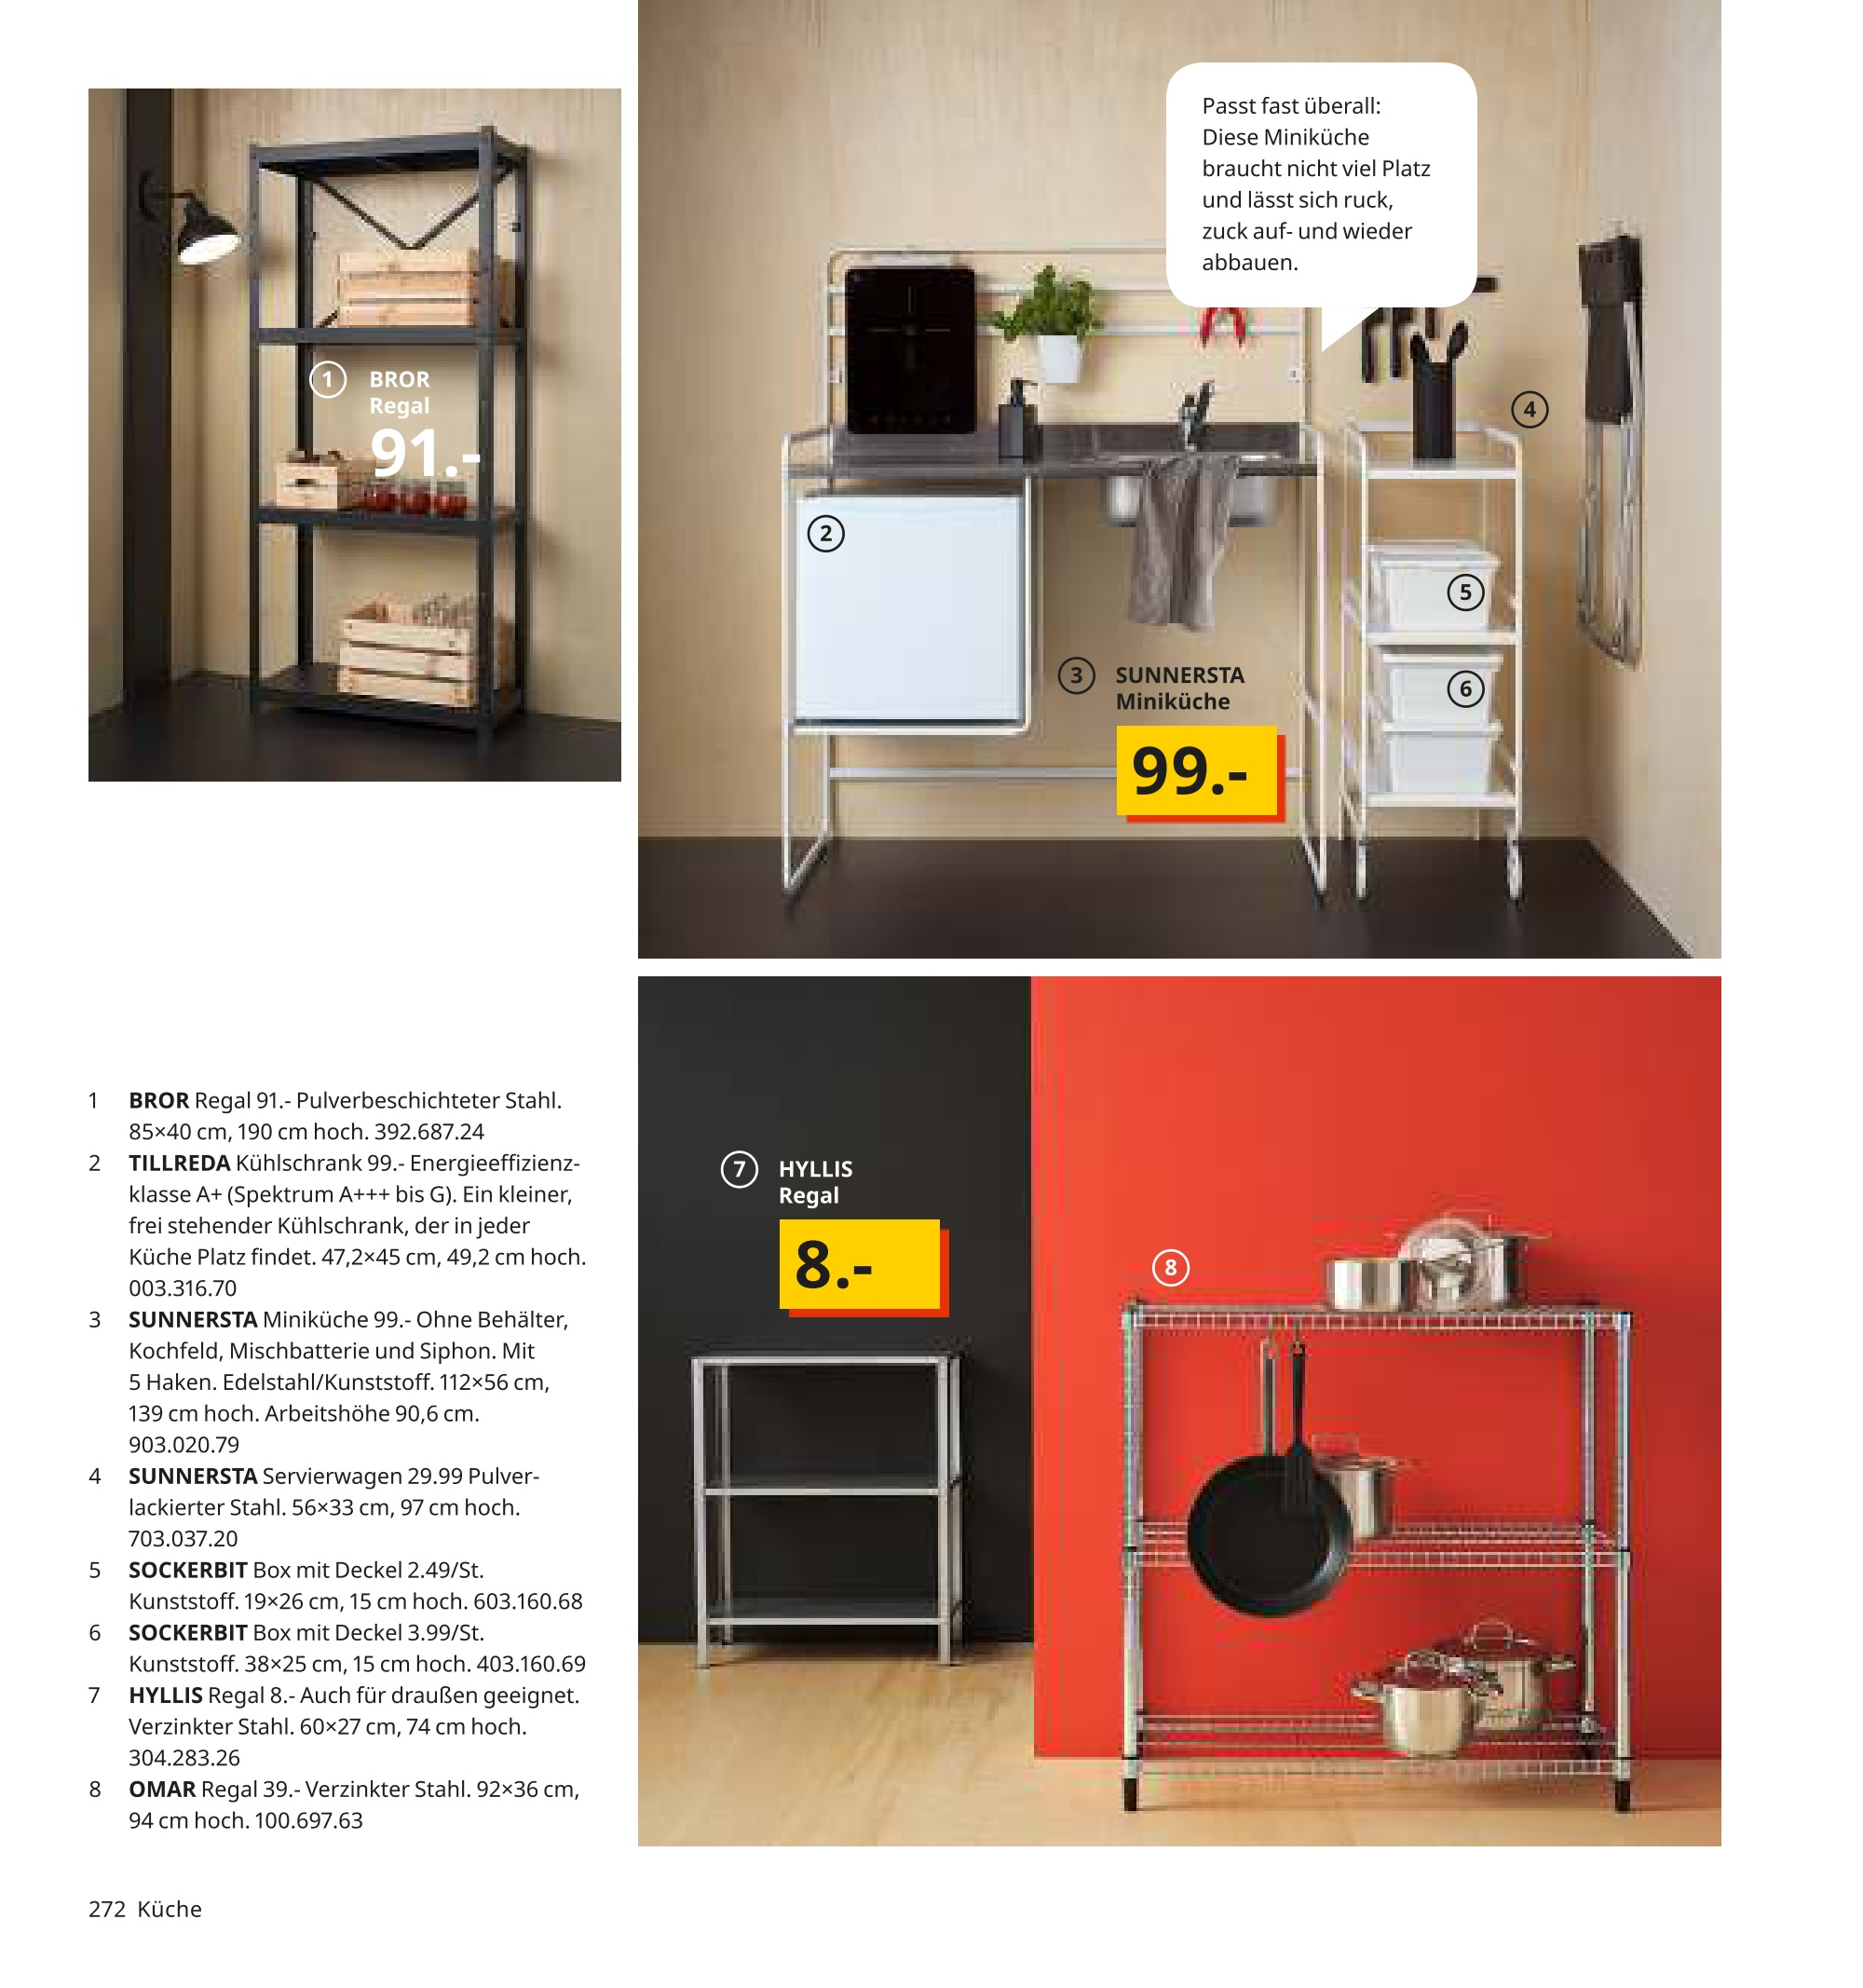 Full Size of Sunnersta Minikche Im Angebot Bei Ikea Kupinode Betten 160x200 Küche Kosten Kaufen Sofa Mit Schlaffunktion Modulküche Miniküche Wohnzimmer Miniküchen Ikea